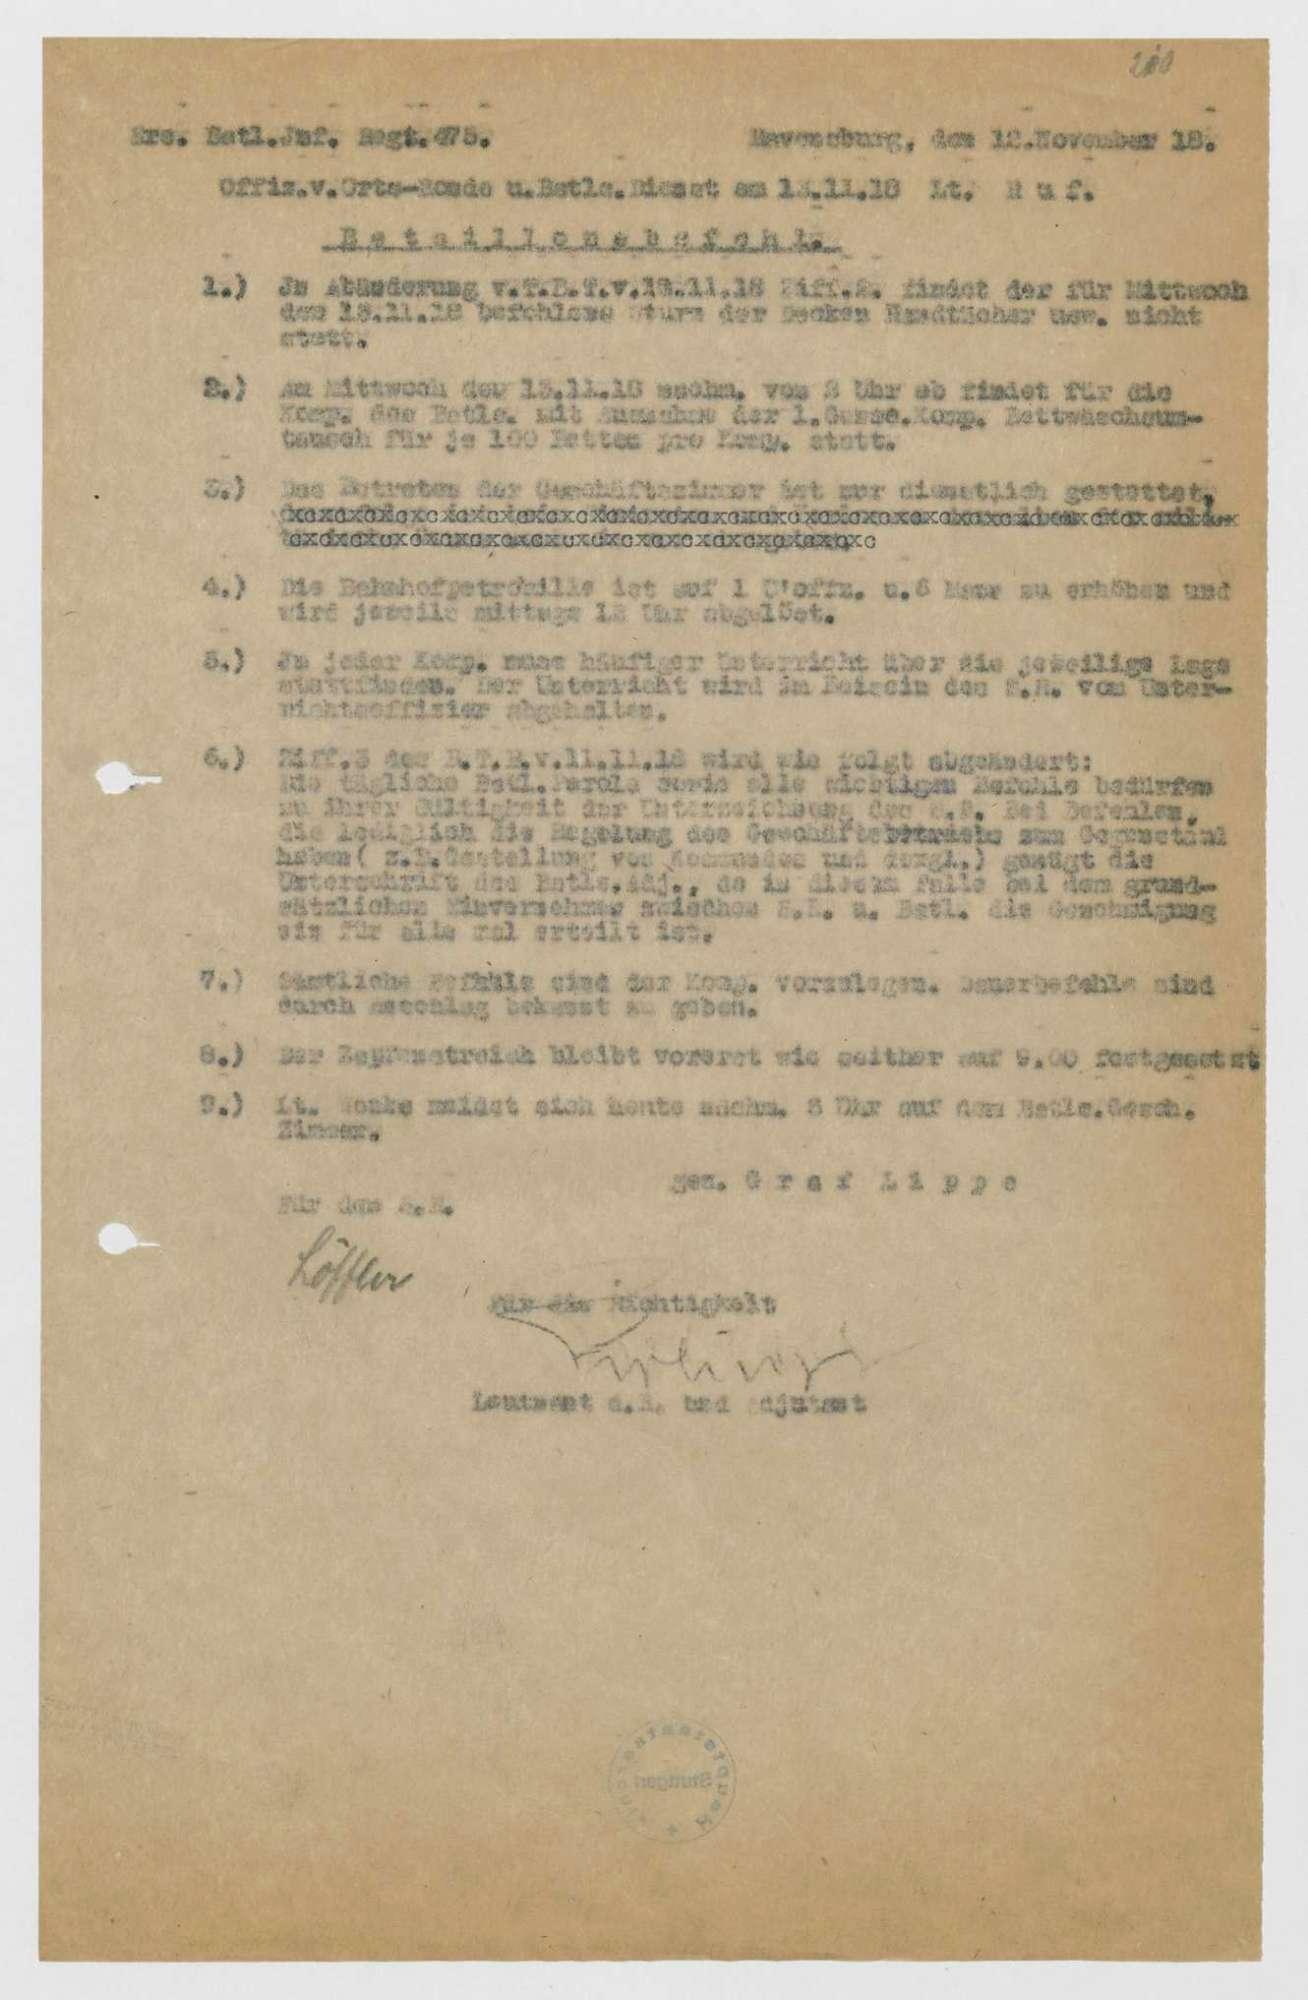 Bataillonsbefehle des Ersatz-Bataillons des Infanterie-Regiments Nr. 475, Bild 3